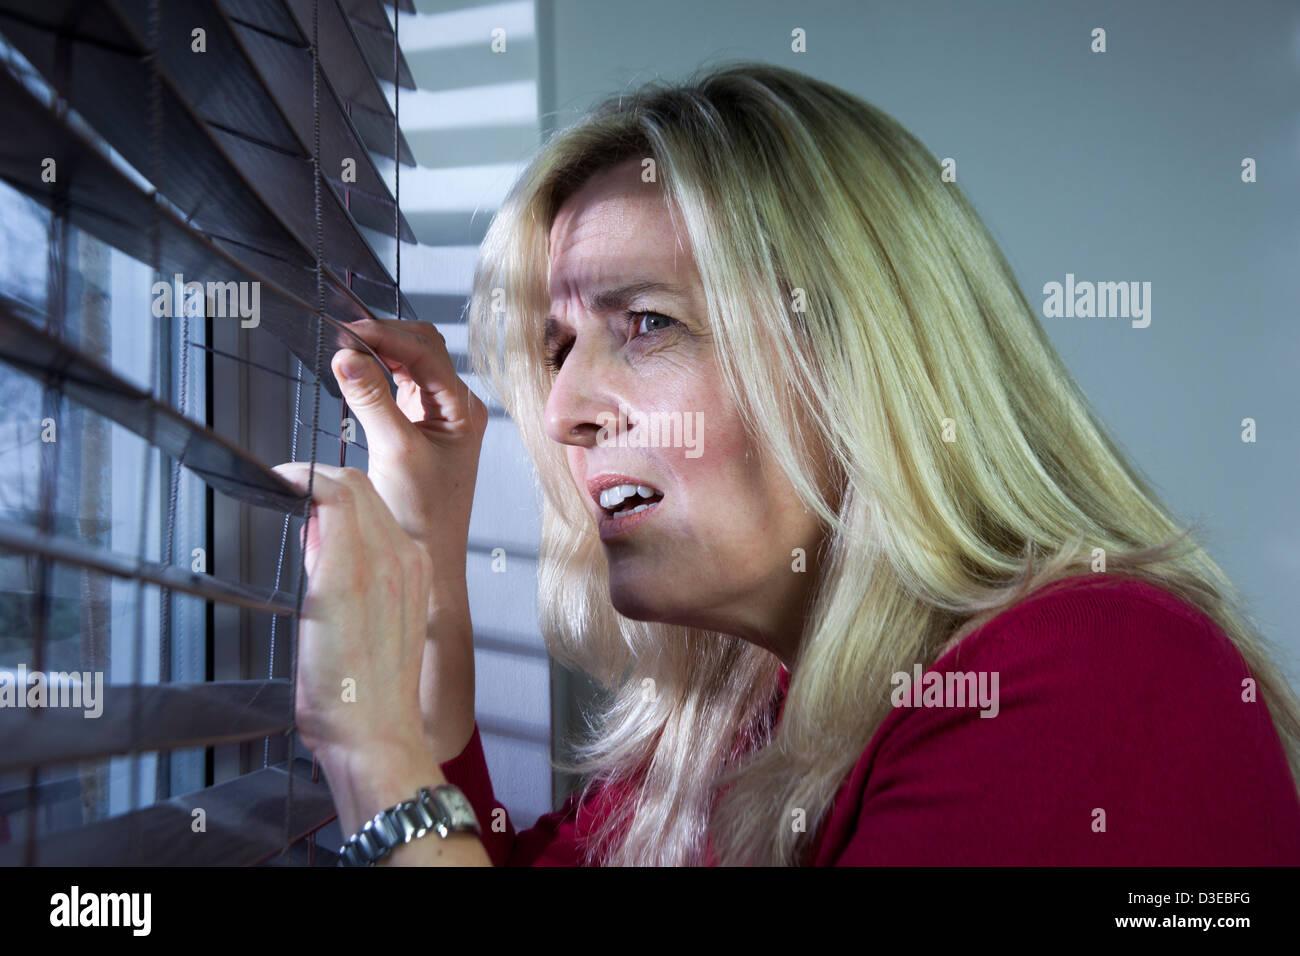 Profil einer verängstigten blonde Frau durch eine hölzerne Fensterjalousie. Stockbild